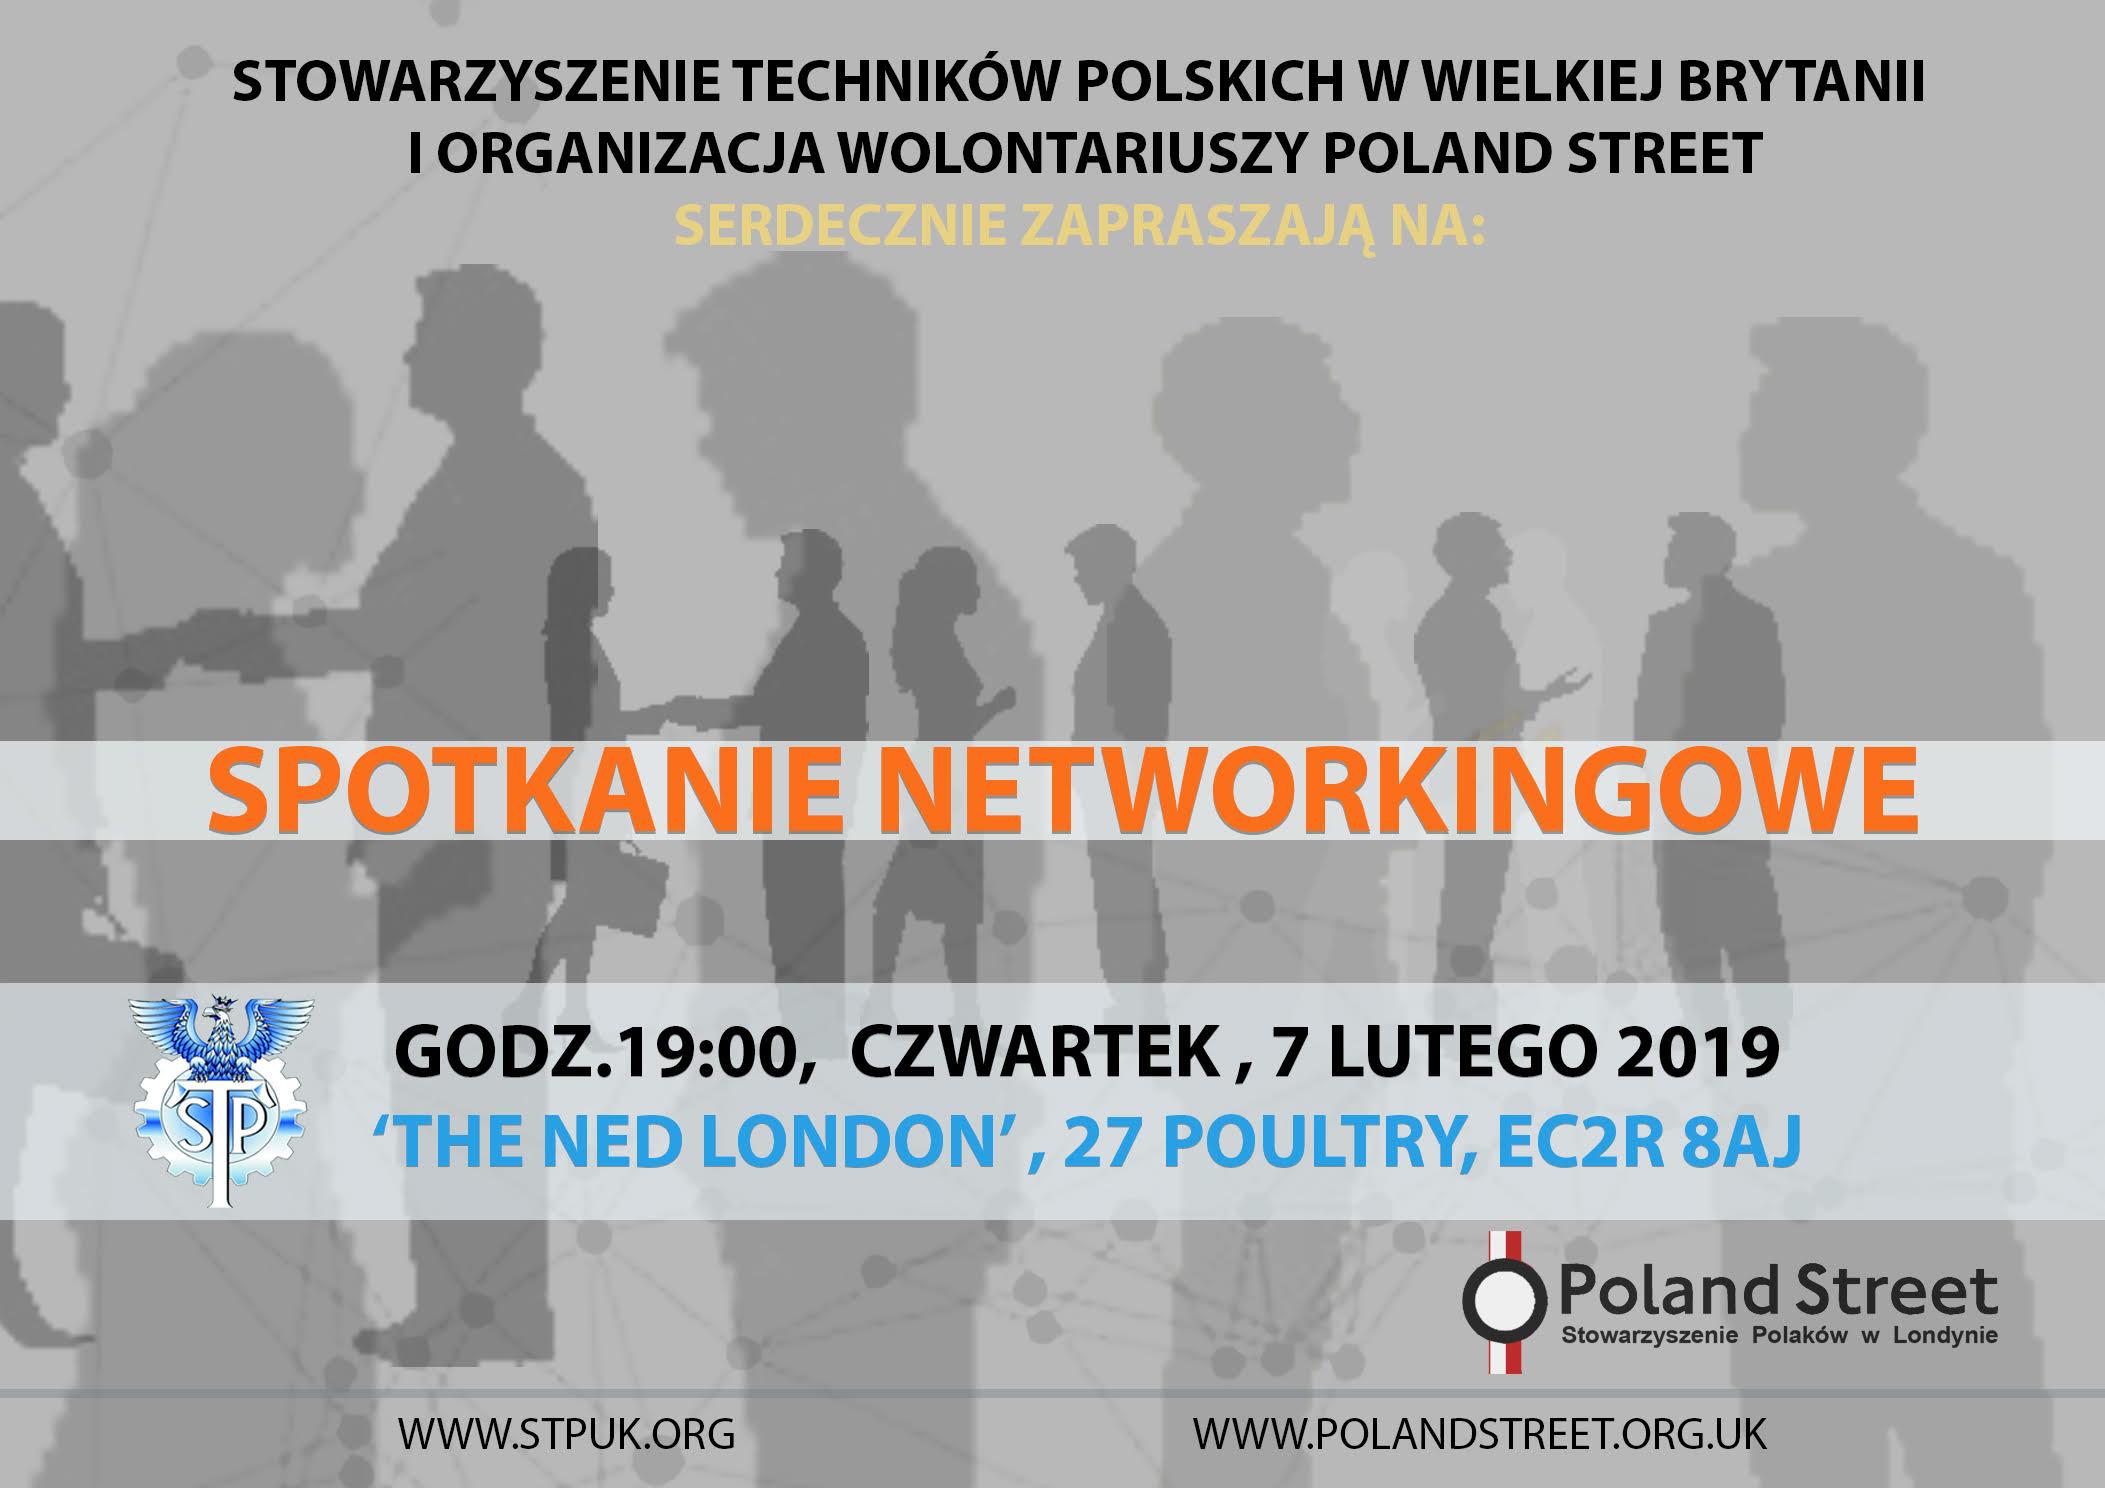 NetworkinGSTP